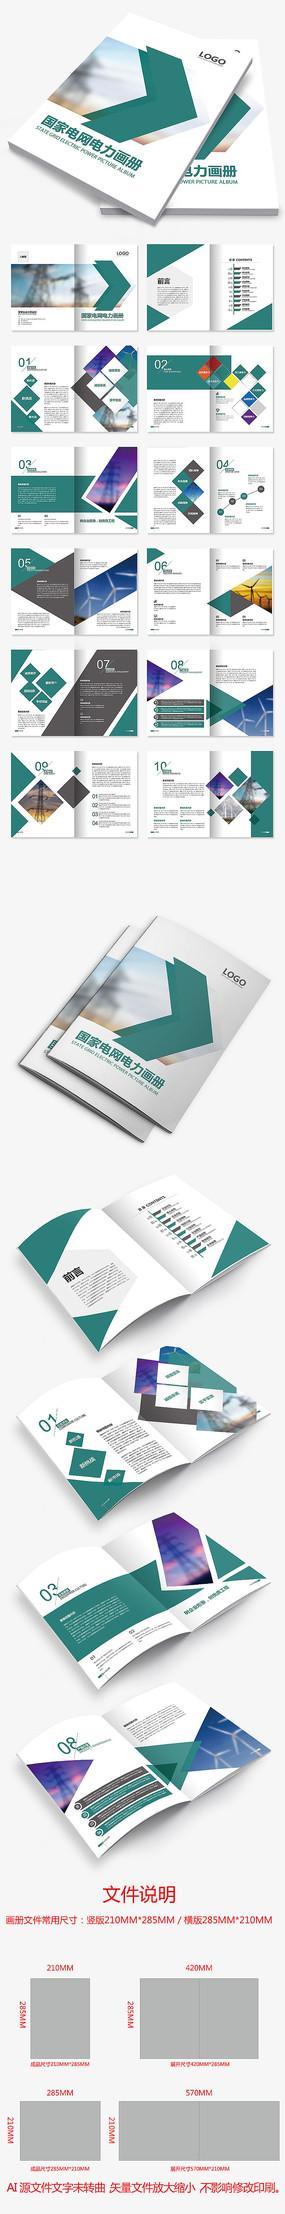 国家电网公司电力能源画册设计